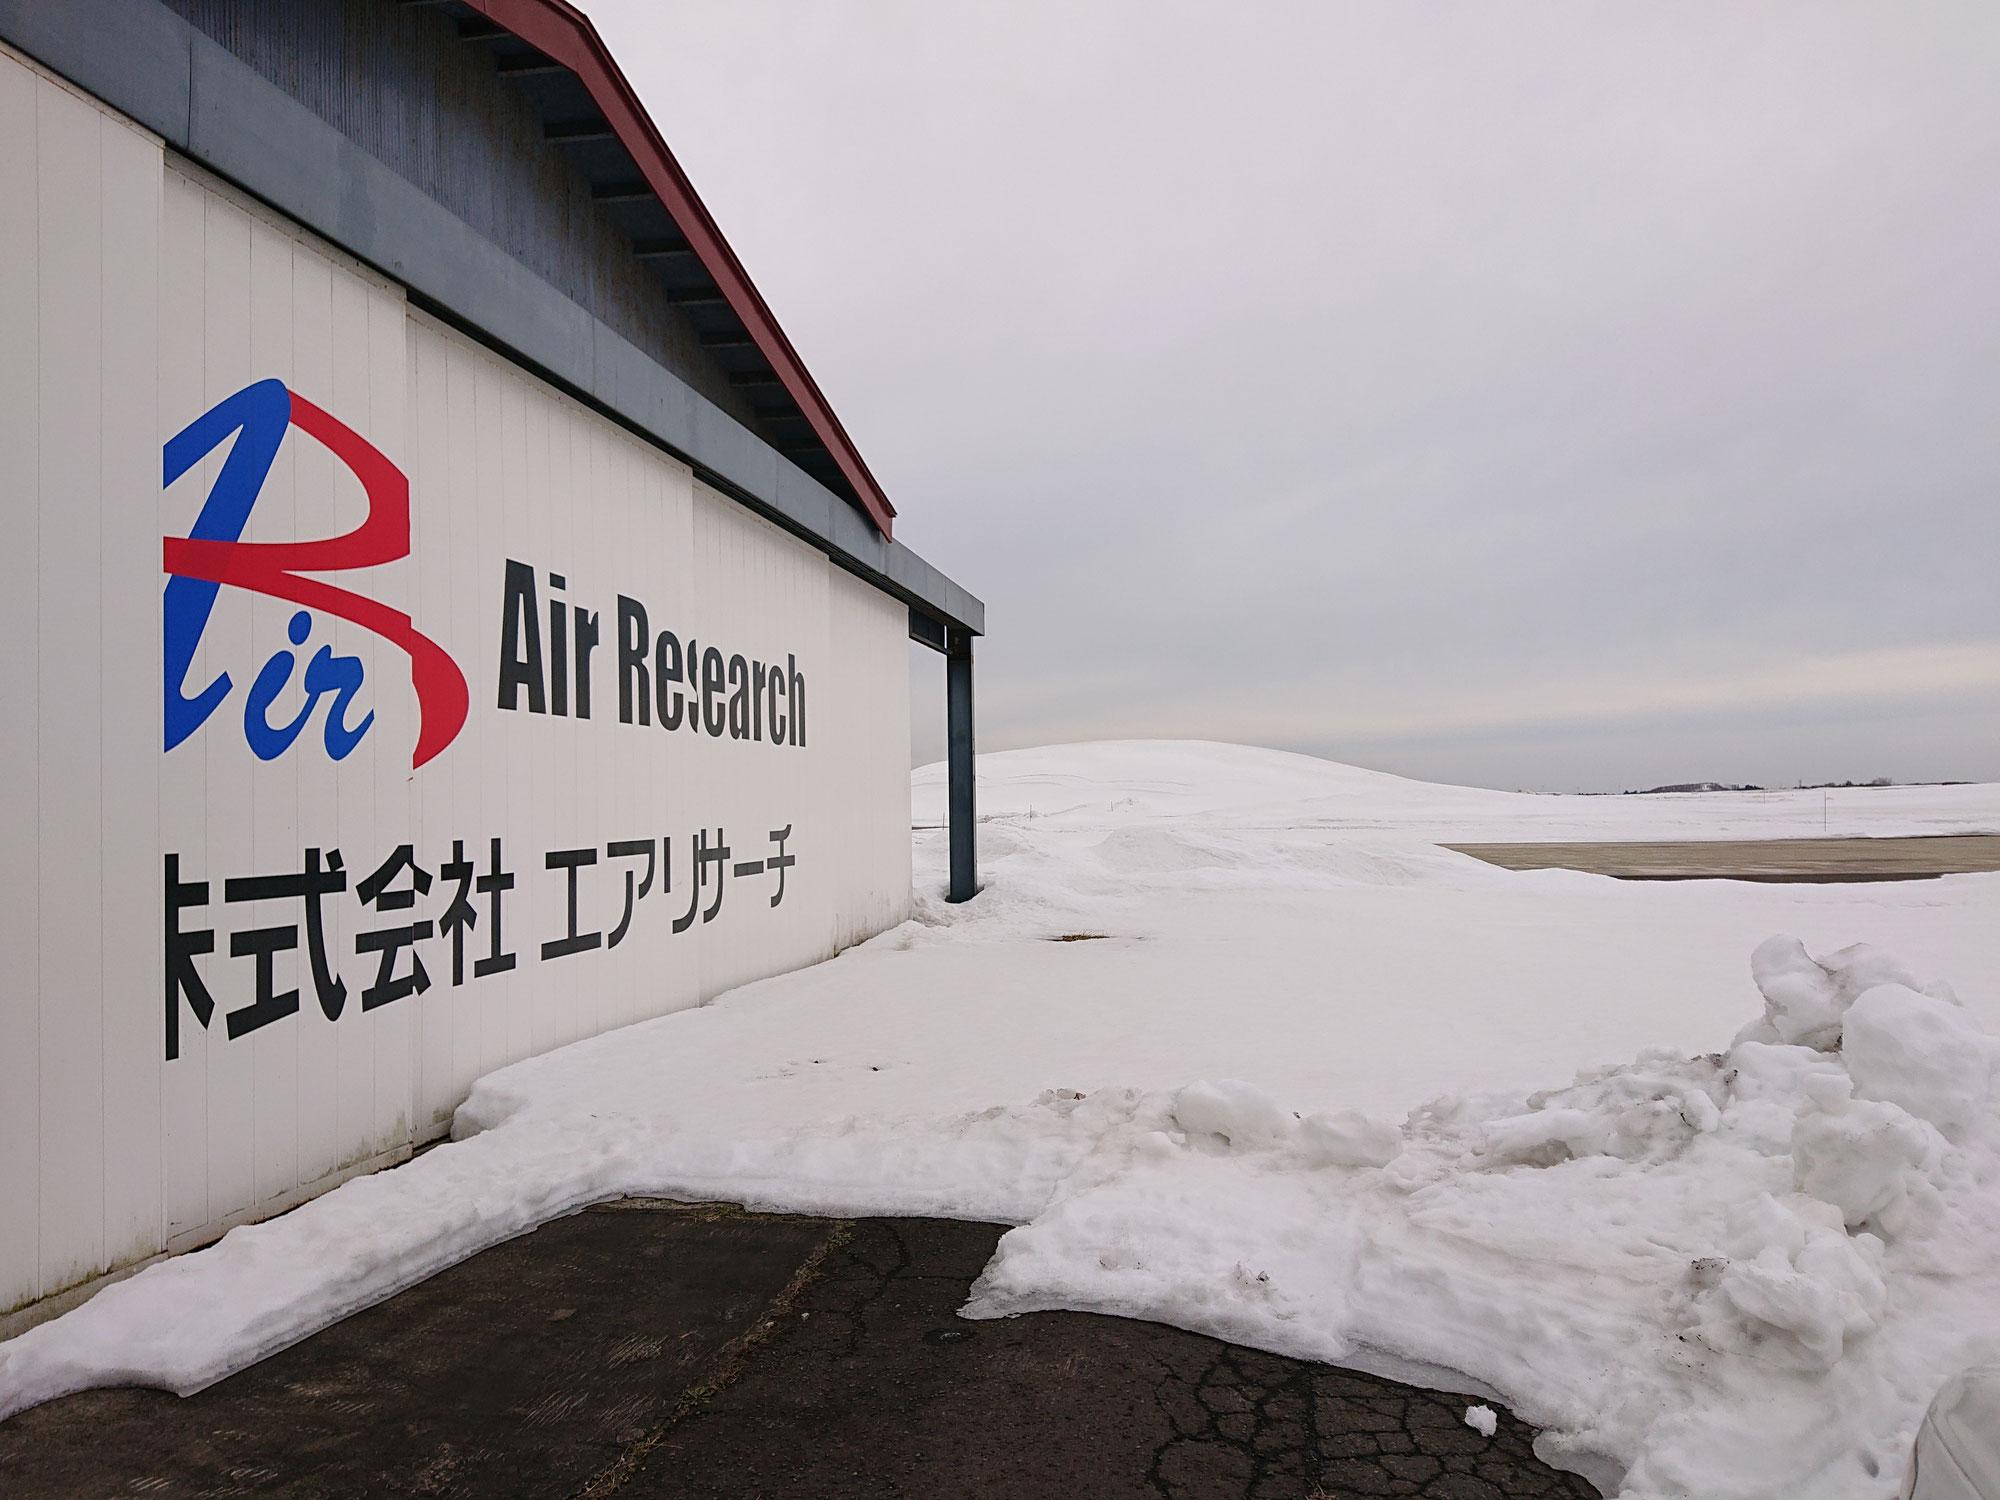 冬の秋田空港